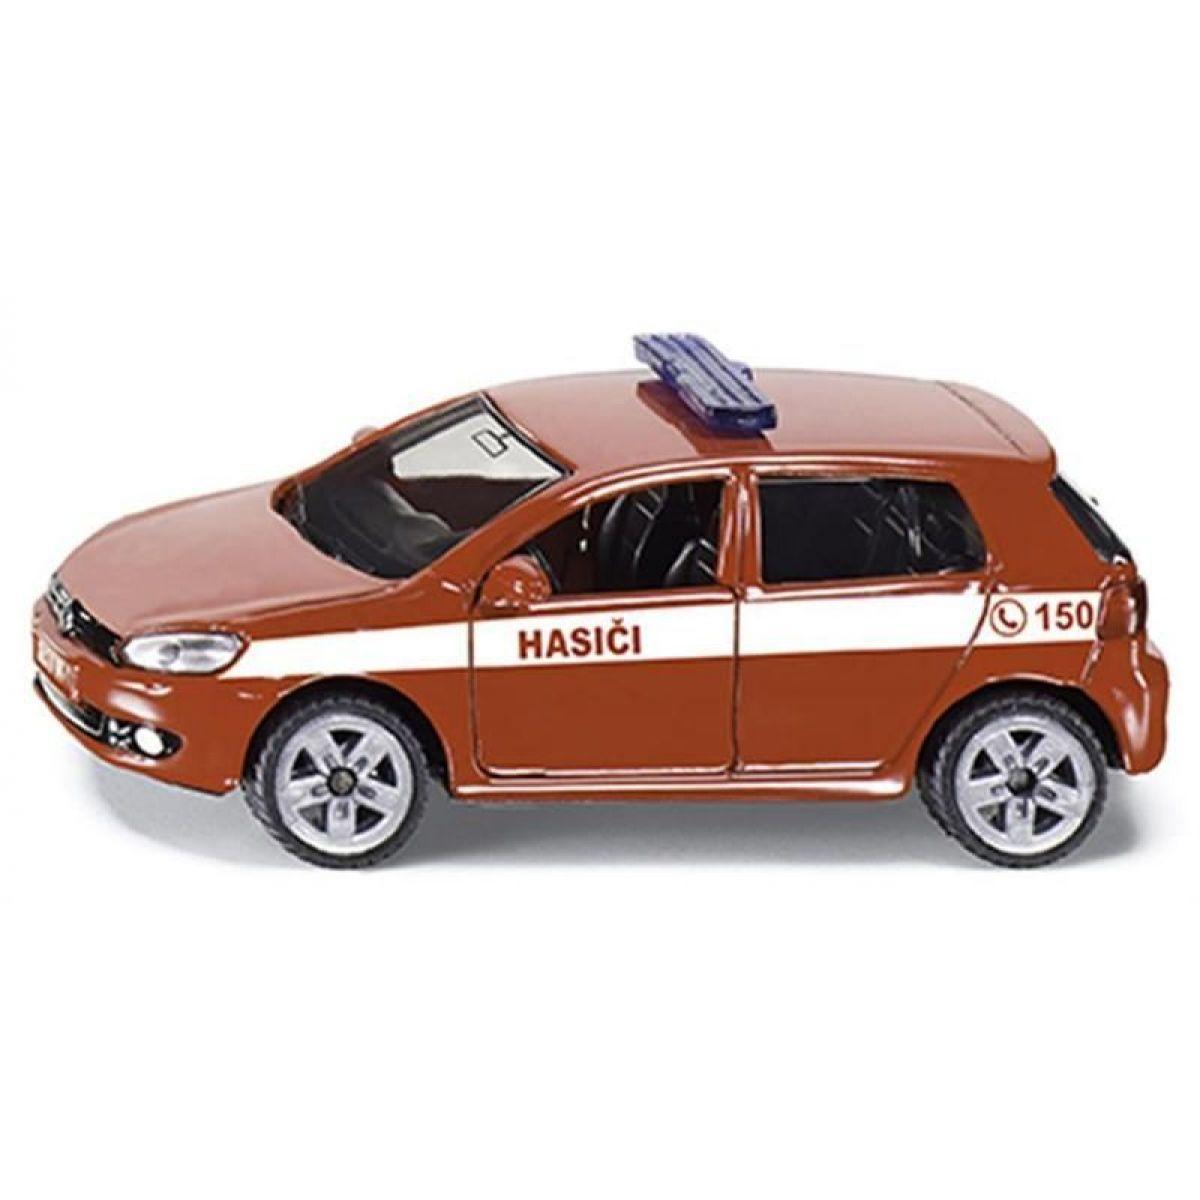 Siku Hasičské osobní auto česká verze